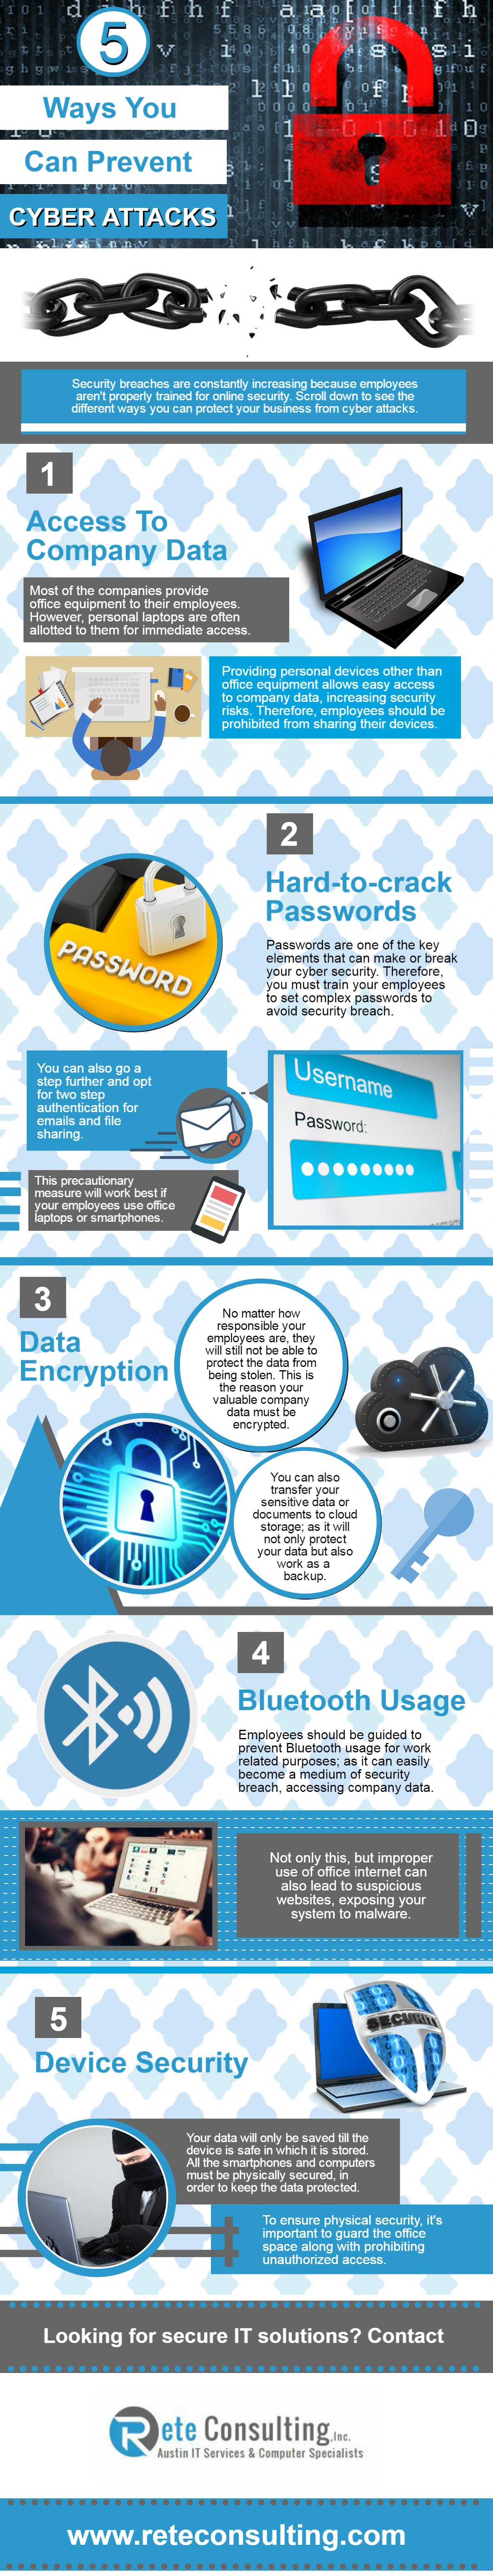 5 ways infographic